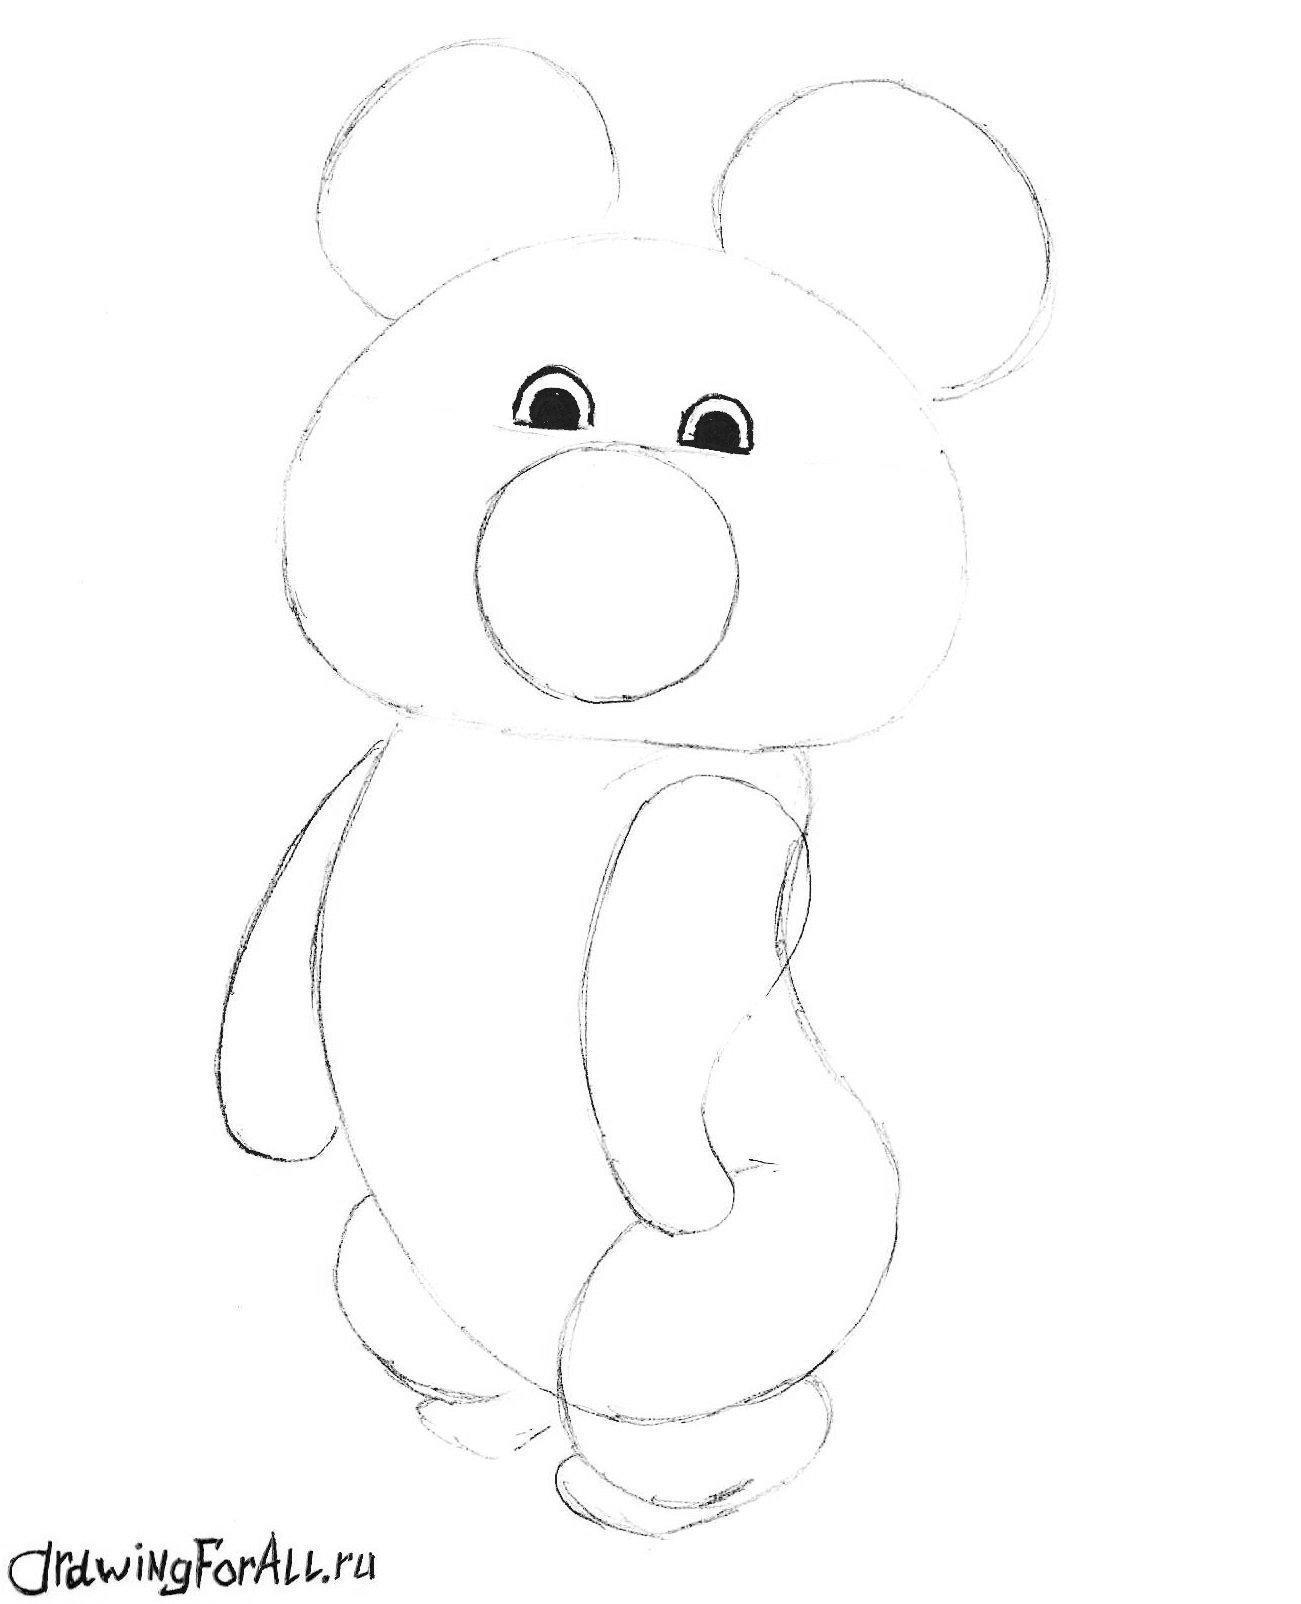 олимпийский мишка нарисованный карандашом